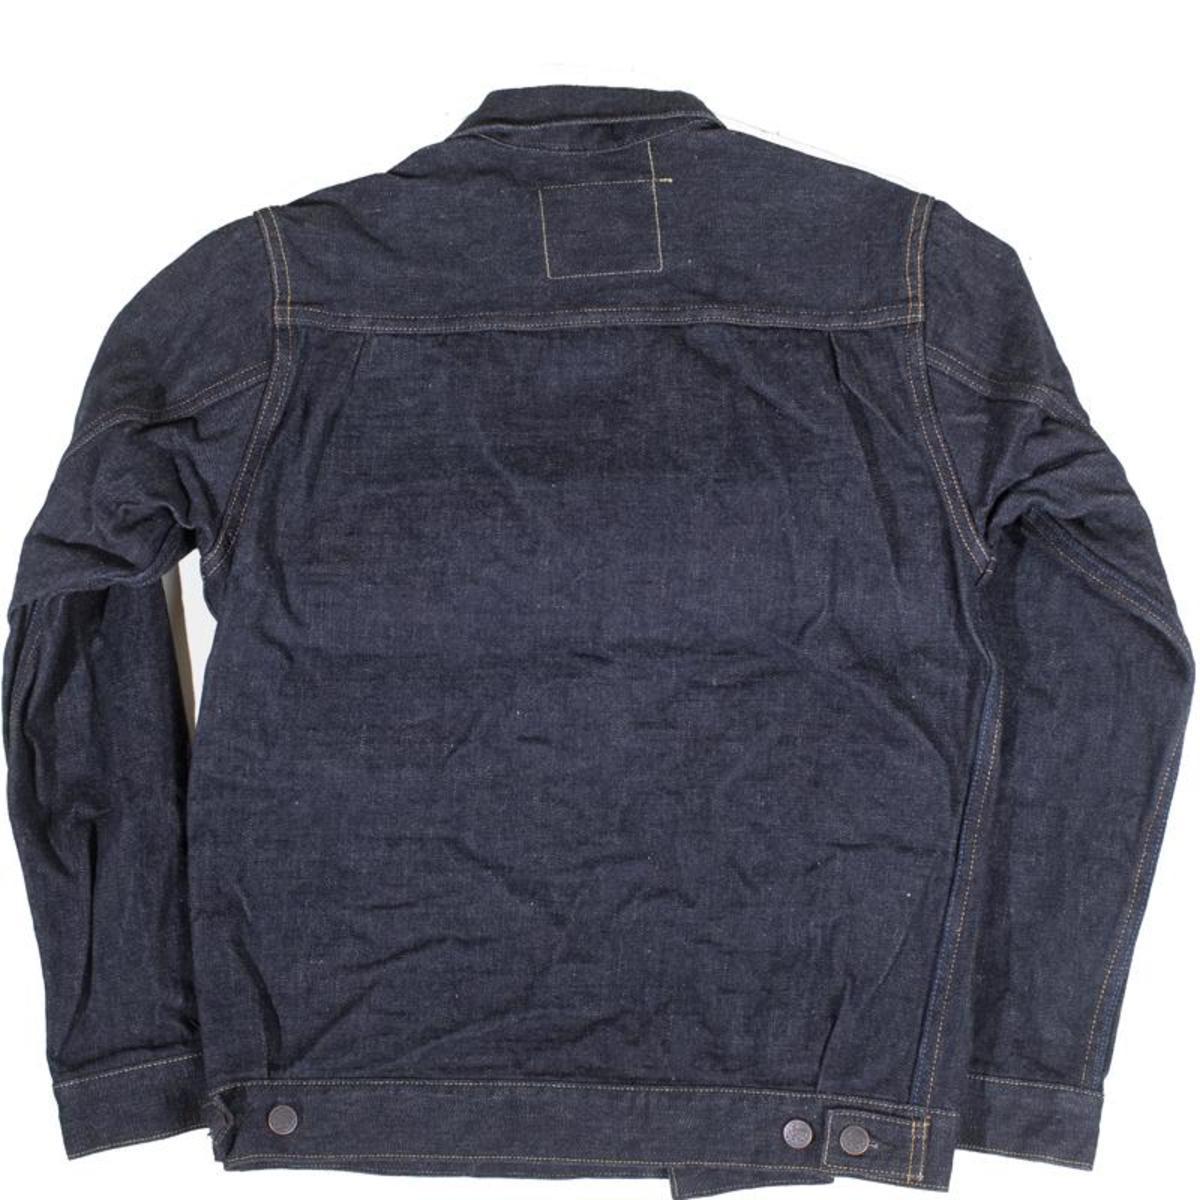 Tanuki Njkt2 Type Two Denim Jacket Natural Indigo